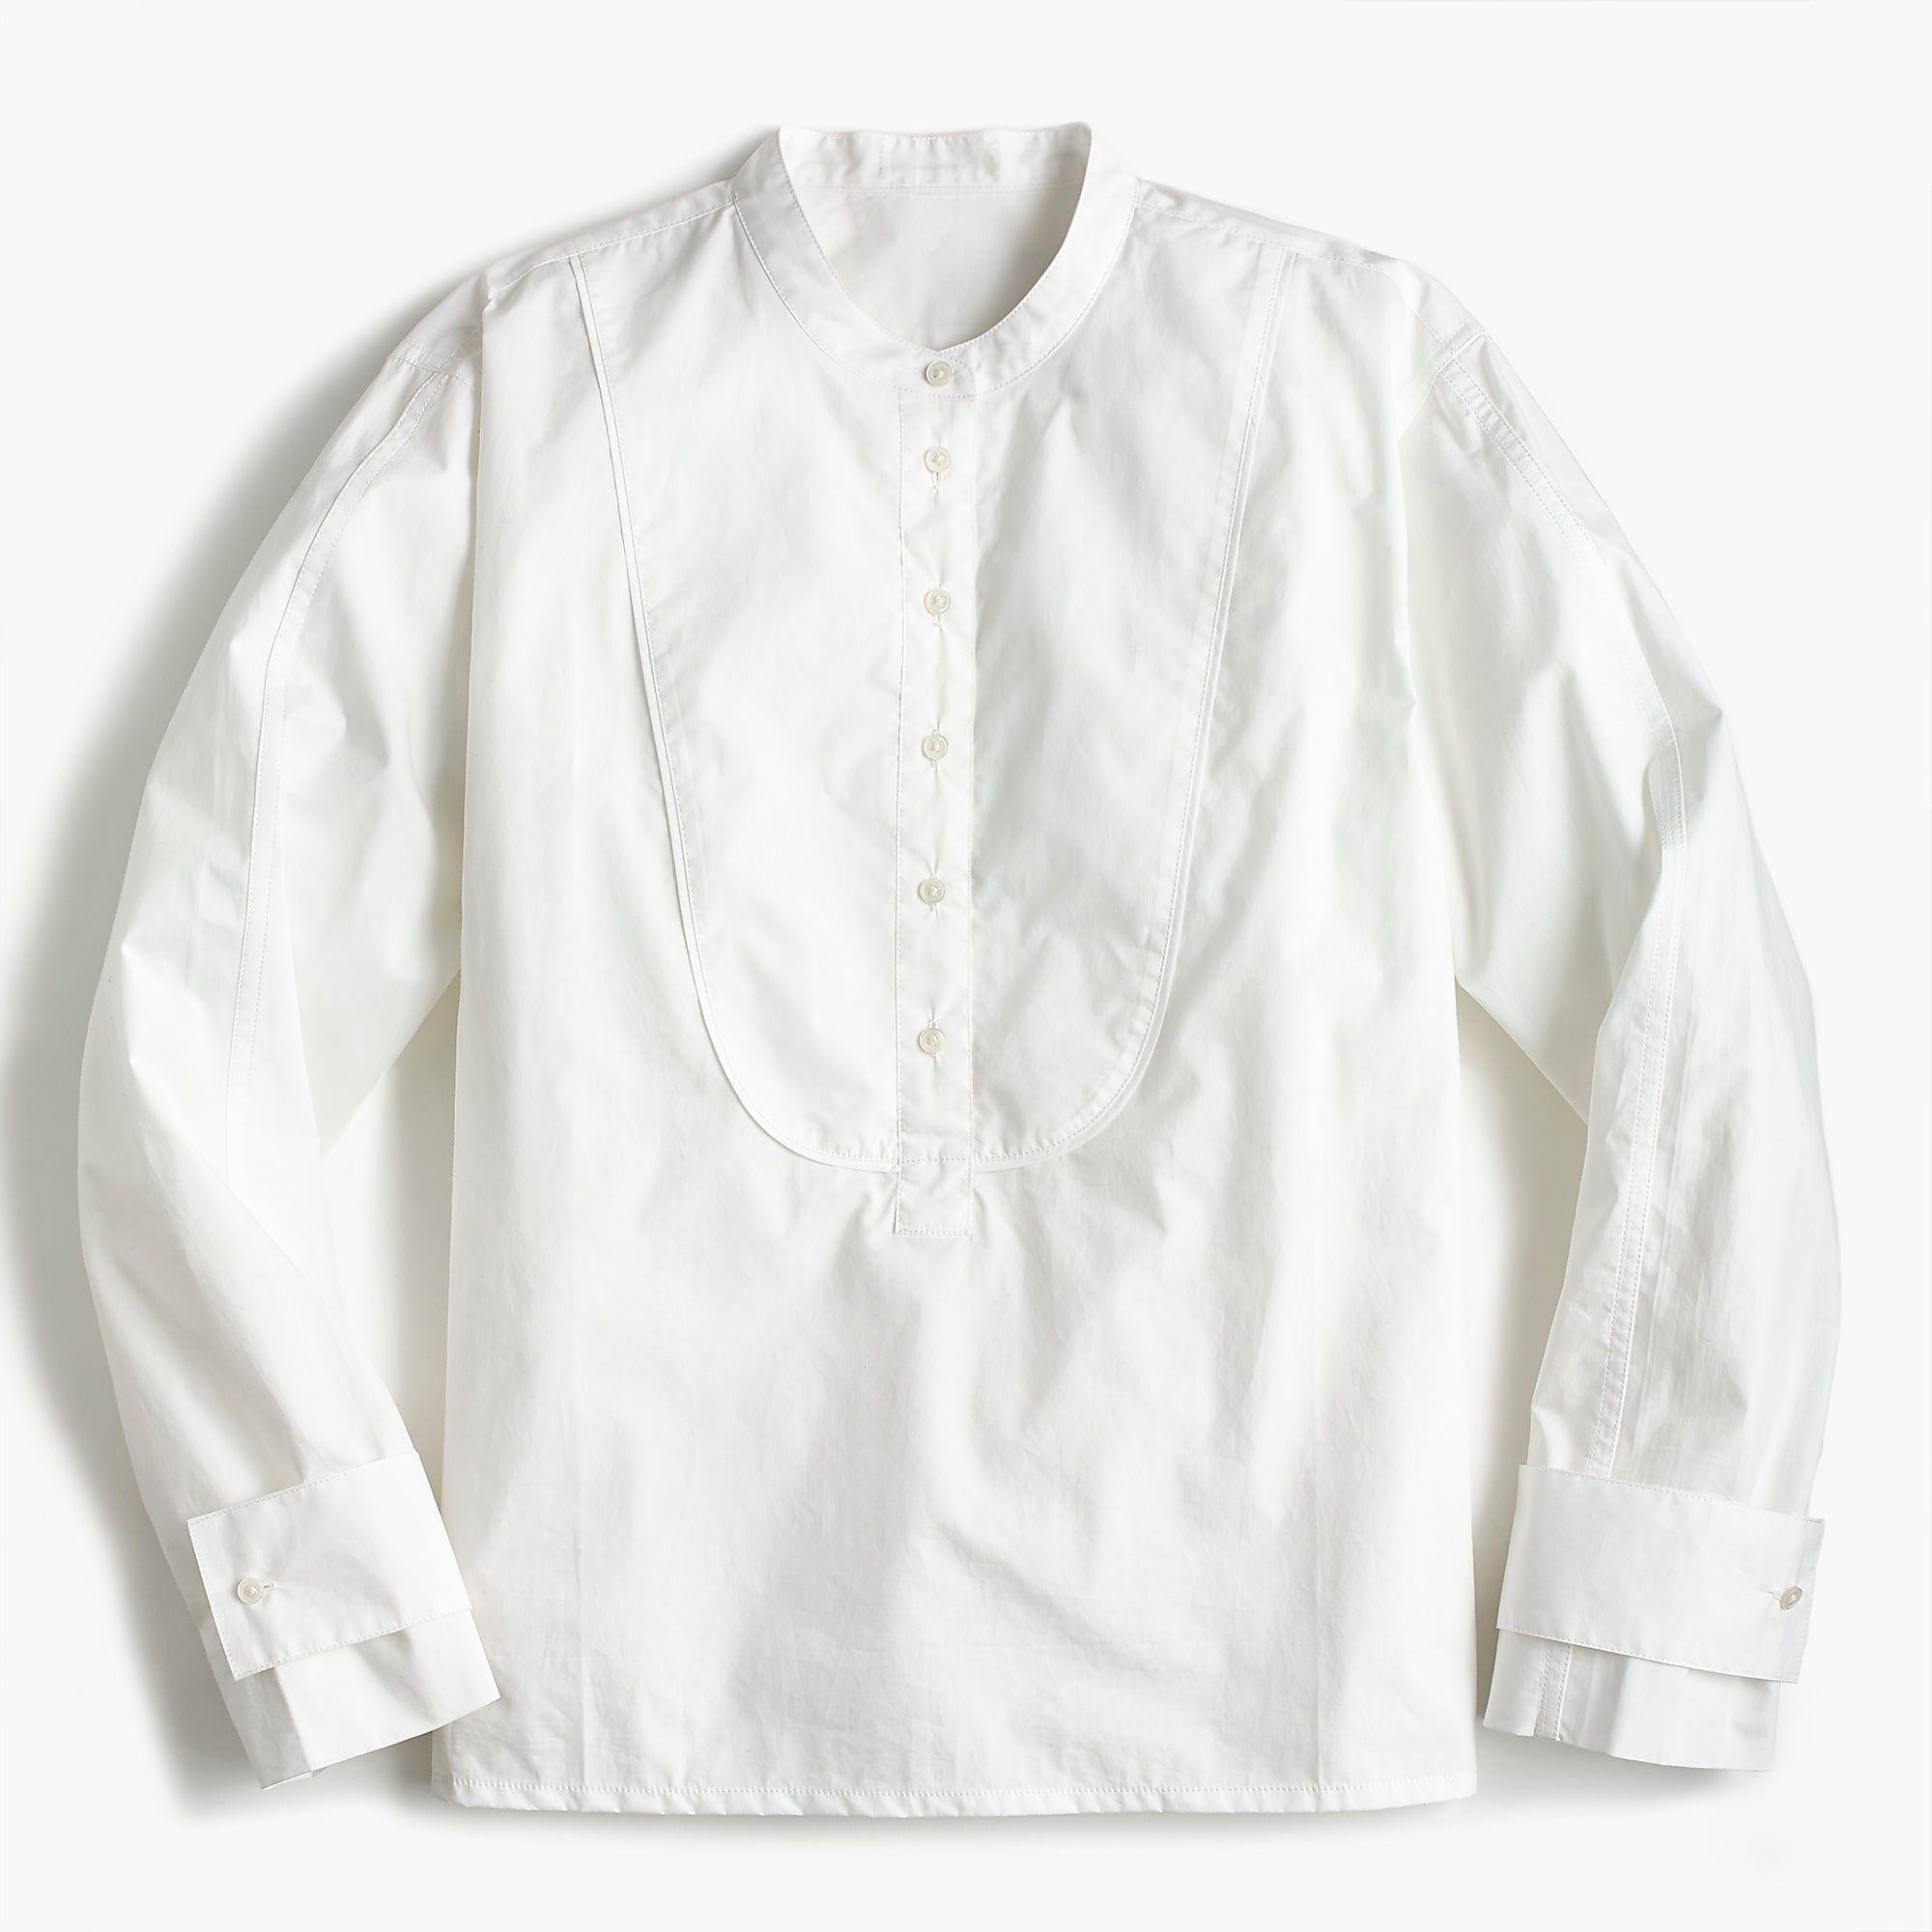 3d2a93b154 Shop the Petite tuxedo popover in stretch cotton poplin at J.Crew ...